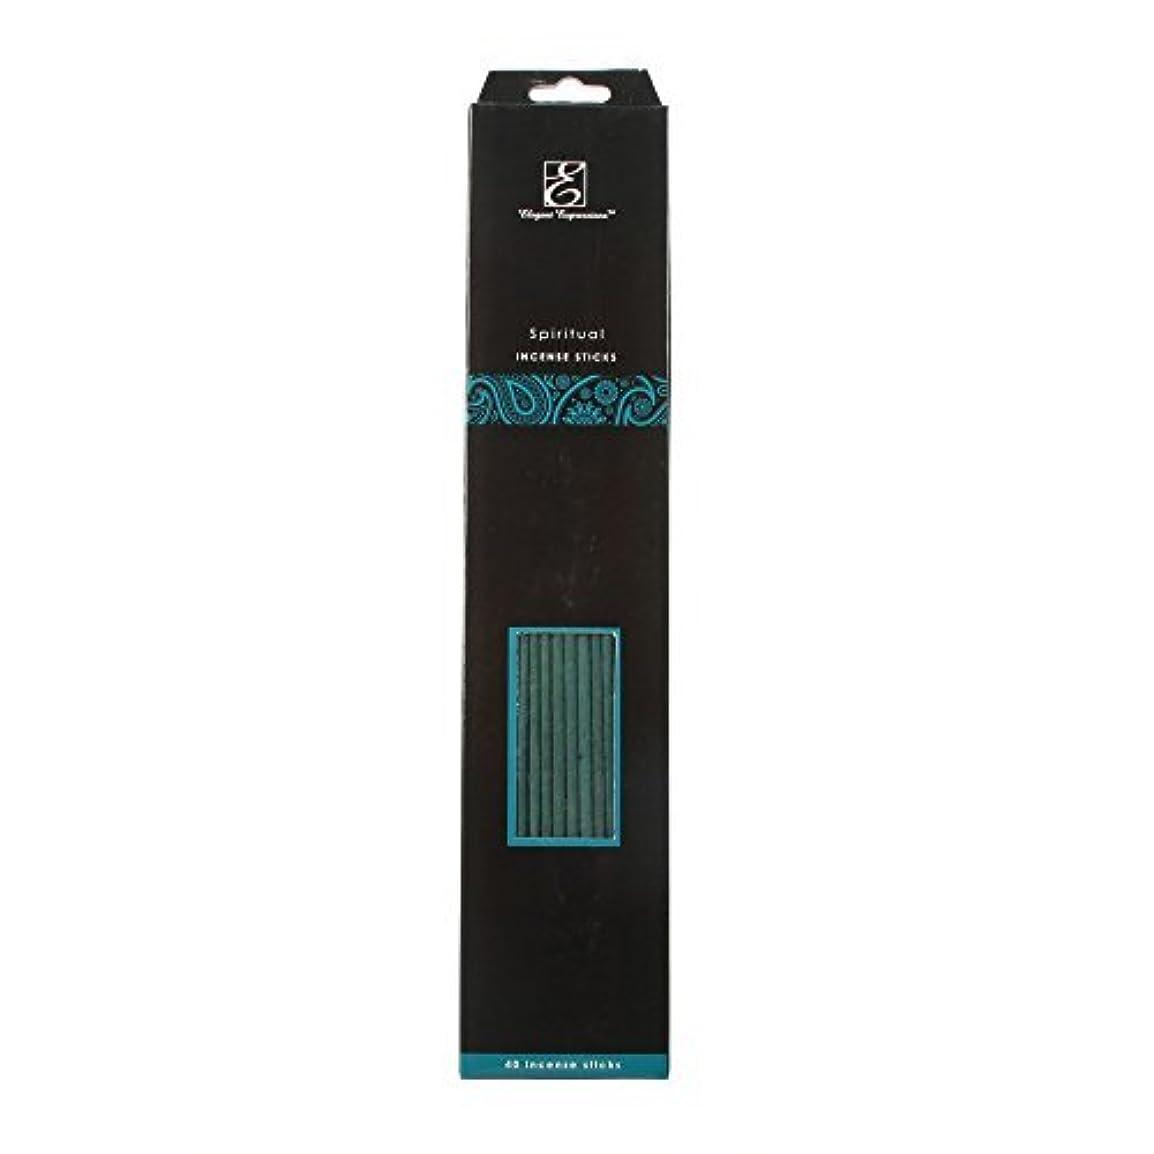 ジャズ類似性幾分Hosley 's Highly Fragranced Spiritual Incense Sticks 240パック、Infused with Essential Oils。Ideal For結婚式、イベント、アロマセラピー...